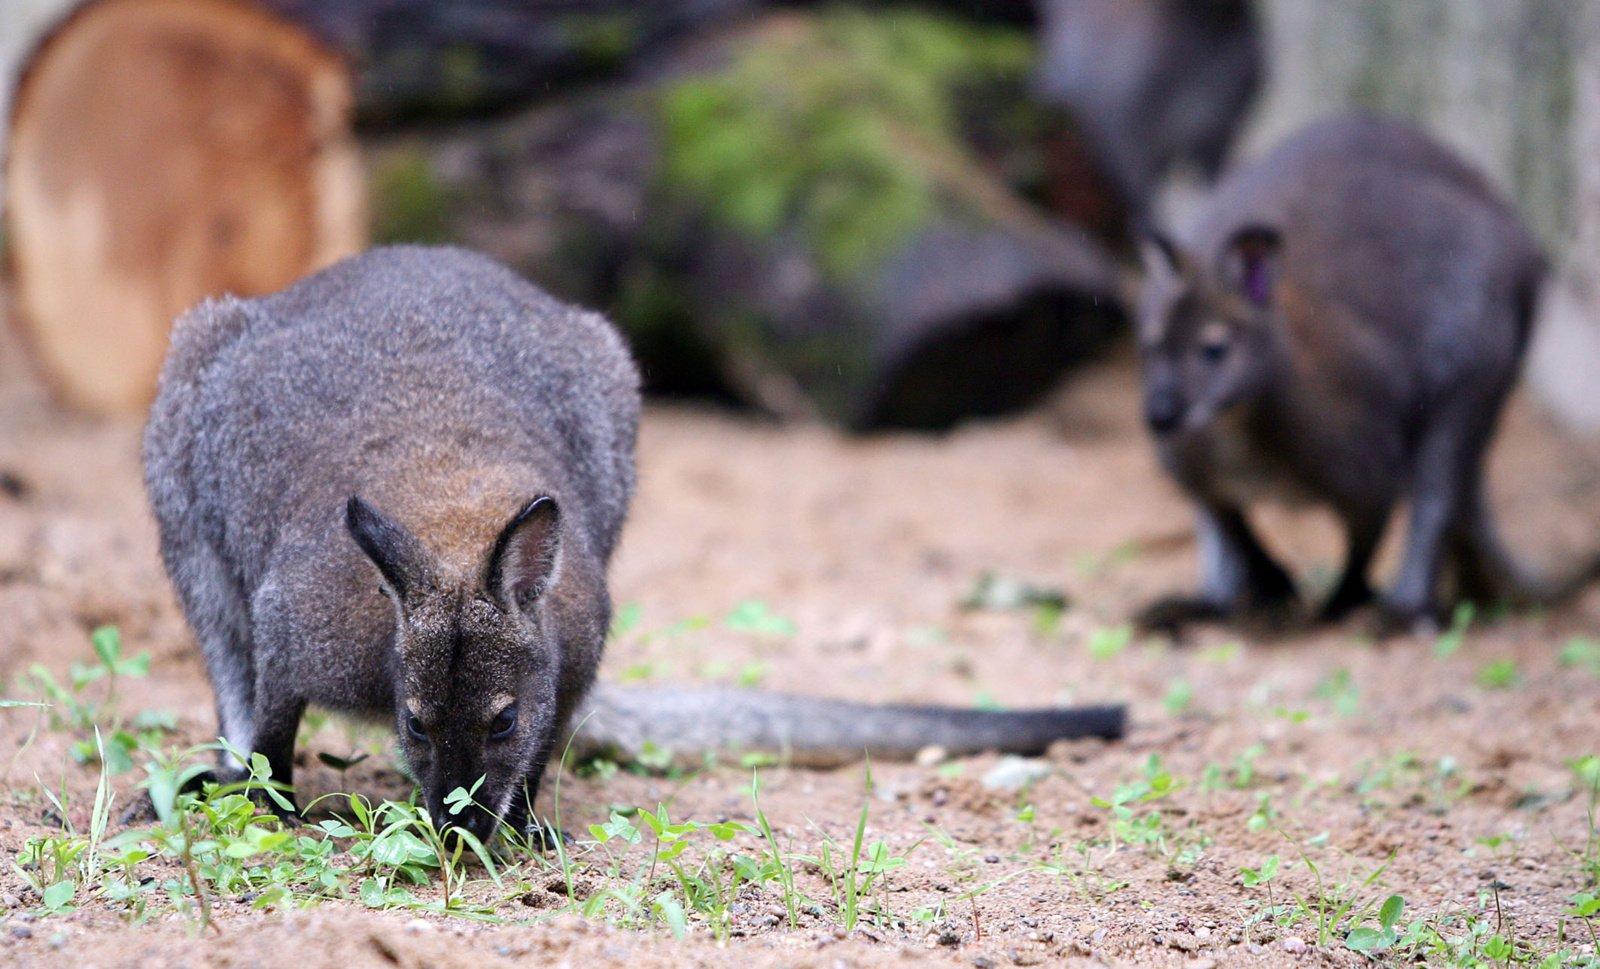 Seimas iš dalies uždraudė naudoti laukinius gyvūnus cirke